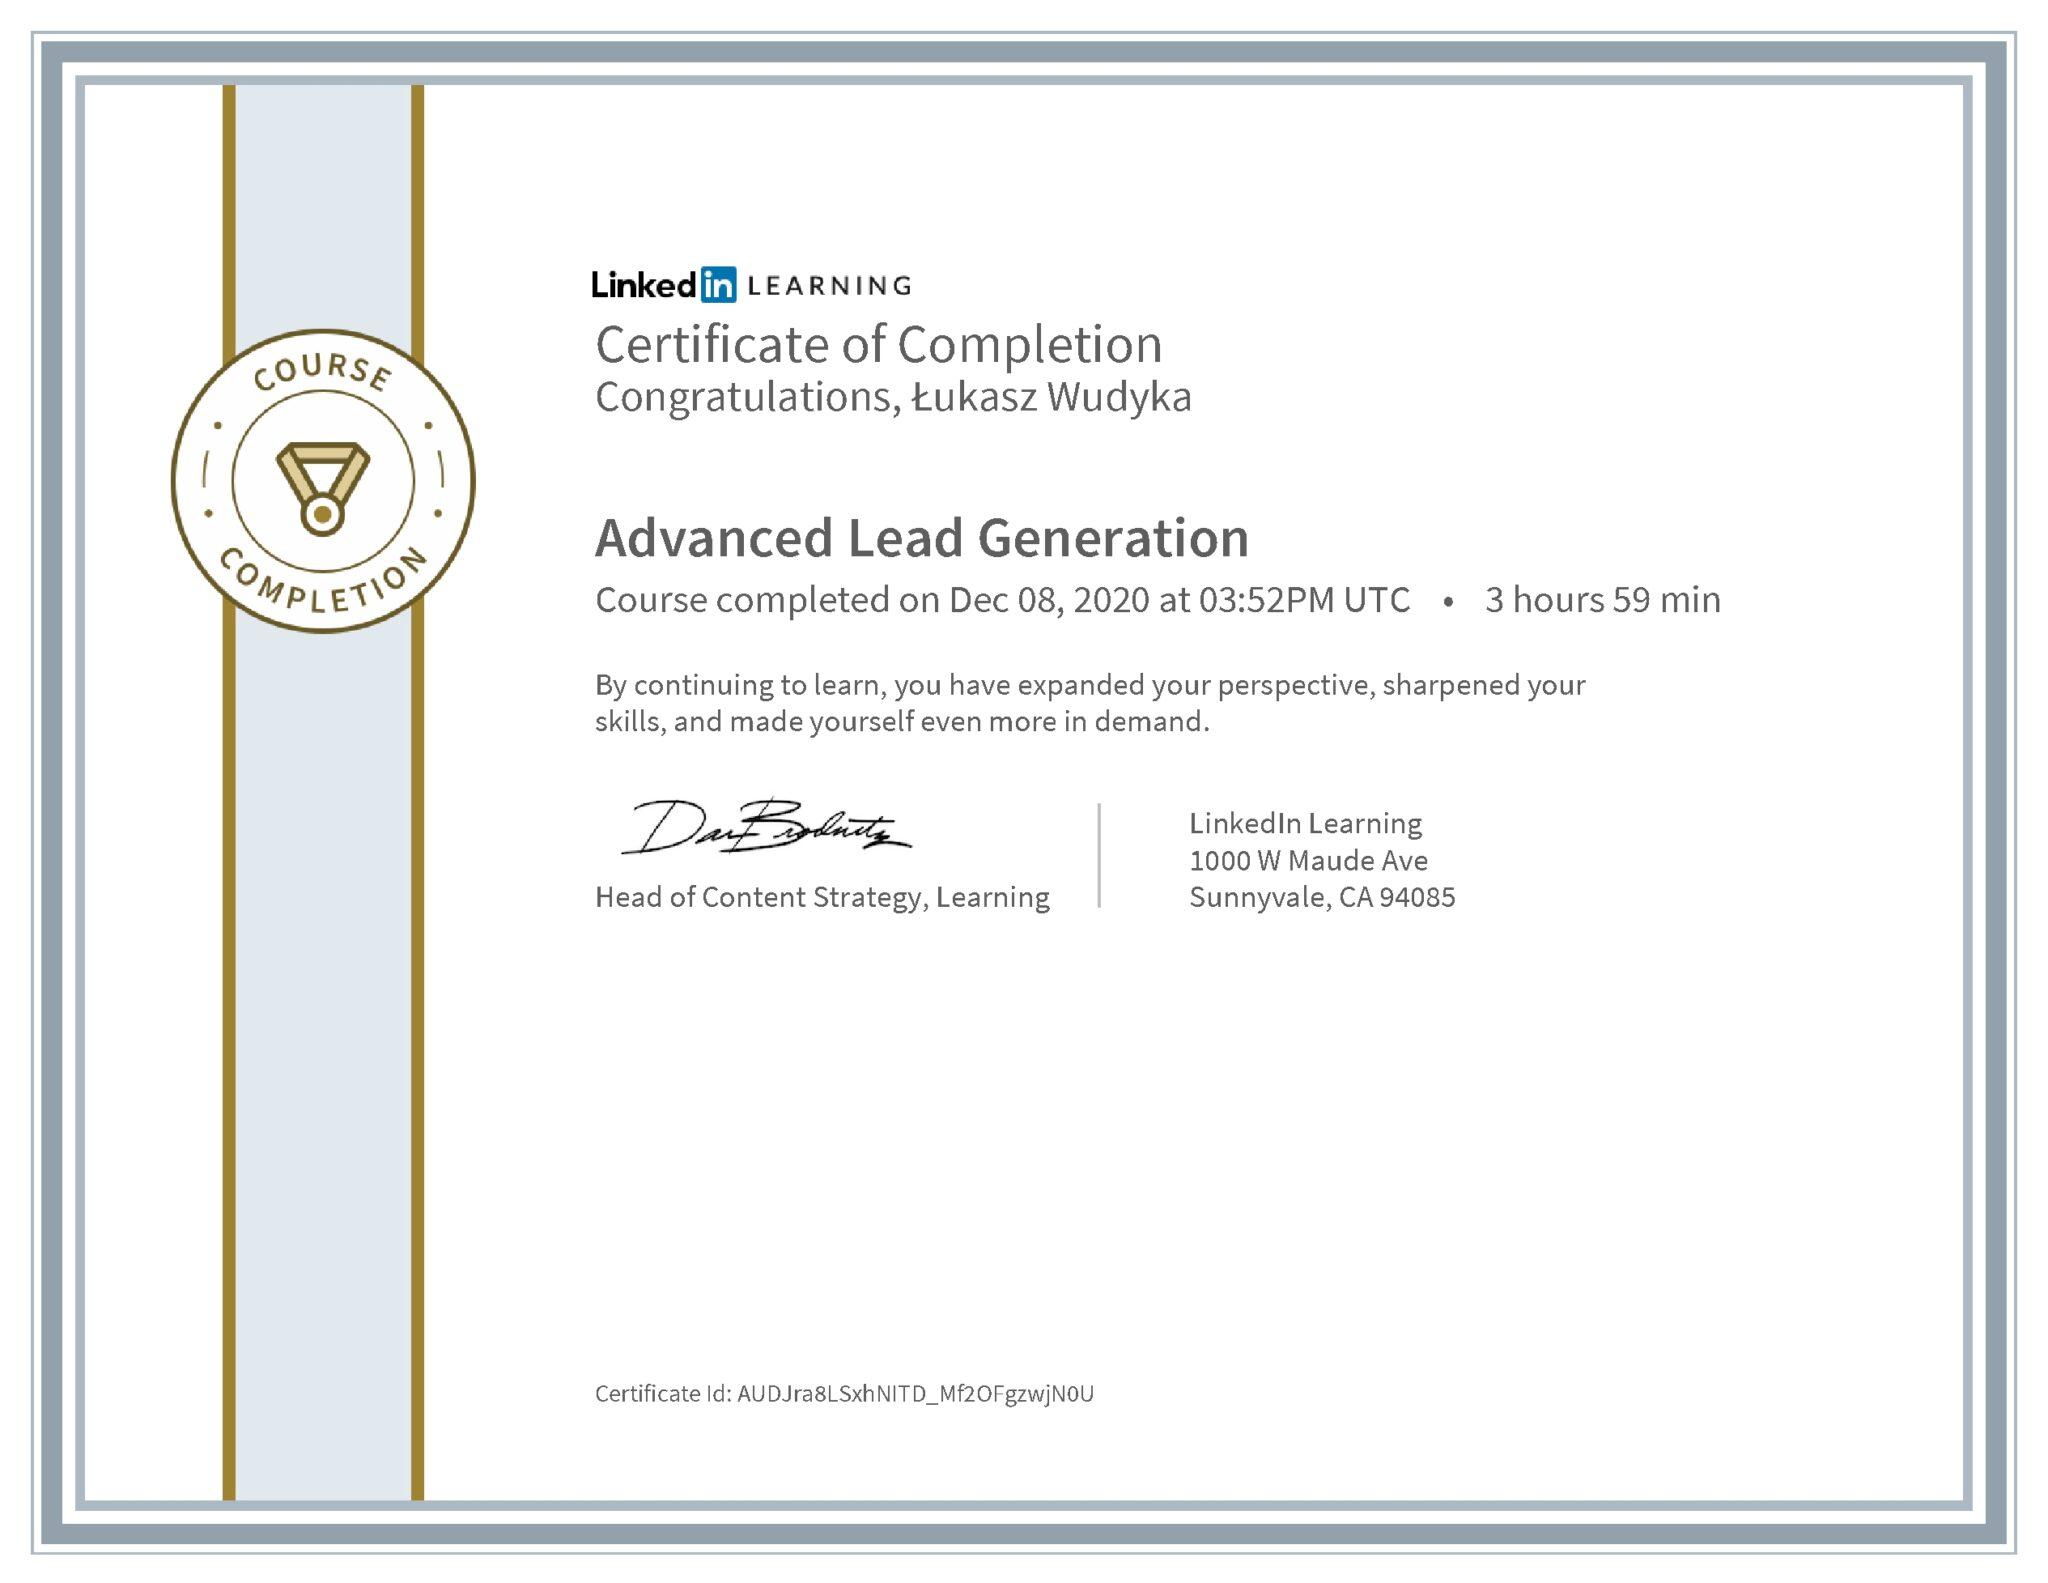 Łukasz Wudyka certyfikat LinkedIn Advanced Lead Generation